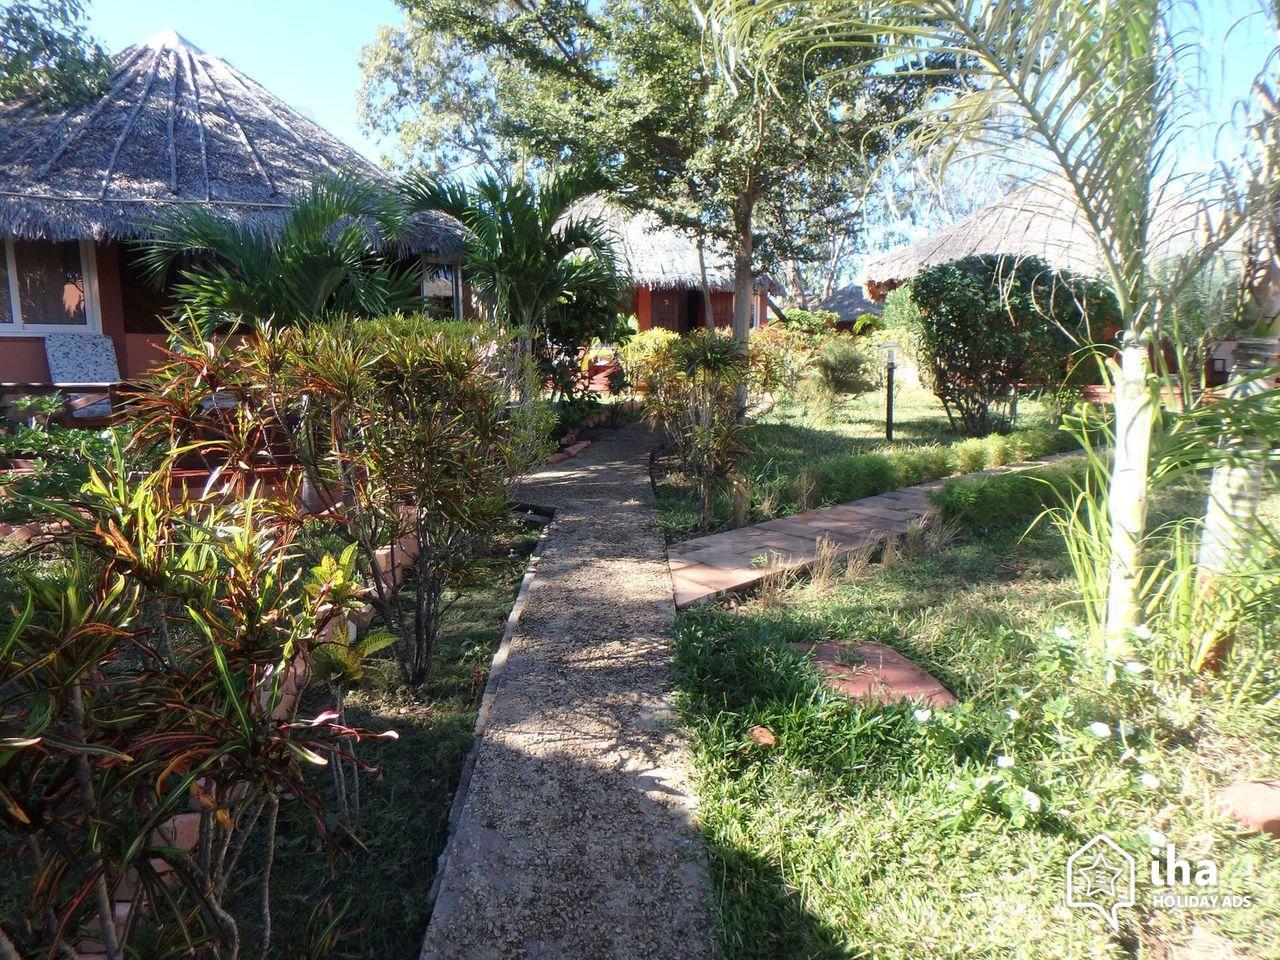 Location Bungalow De 1 À > 30 Personnes Avec 17 Chambres avec Decoration Jardin Zen Exterieur